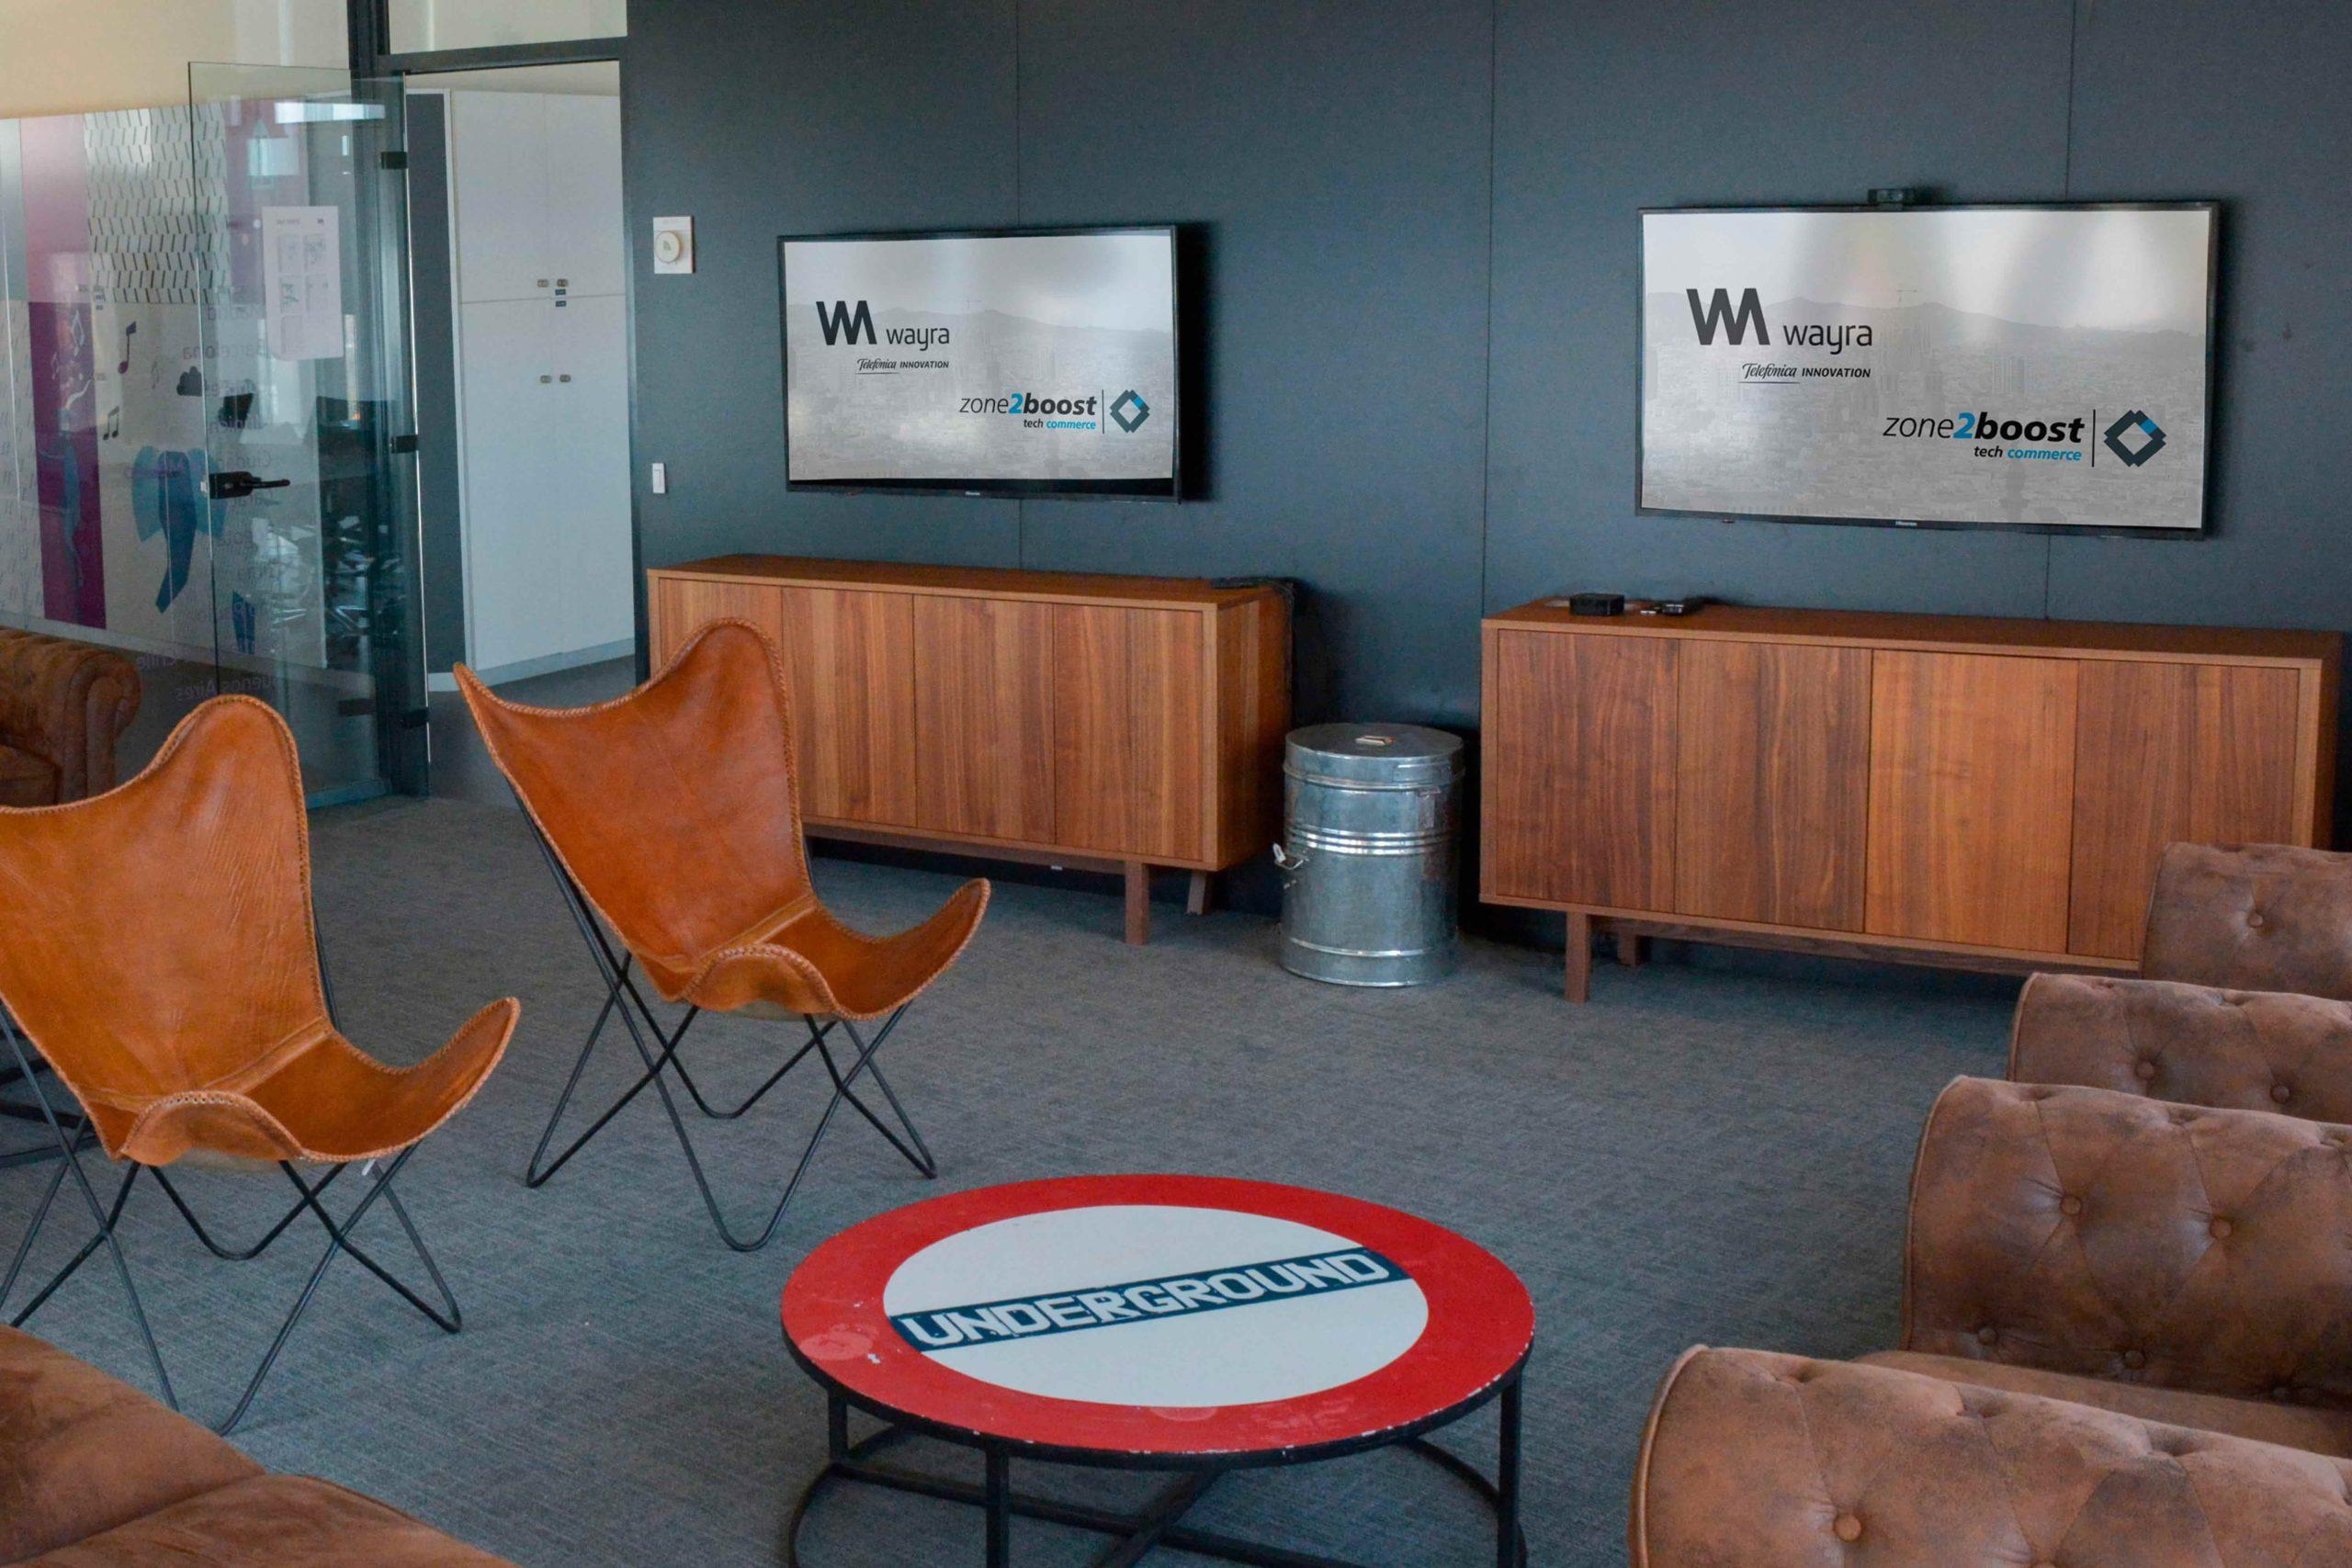 Wayra y Zone2boost se alían para impulsar la innovación abierta y la colaboración con start-ups